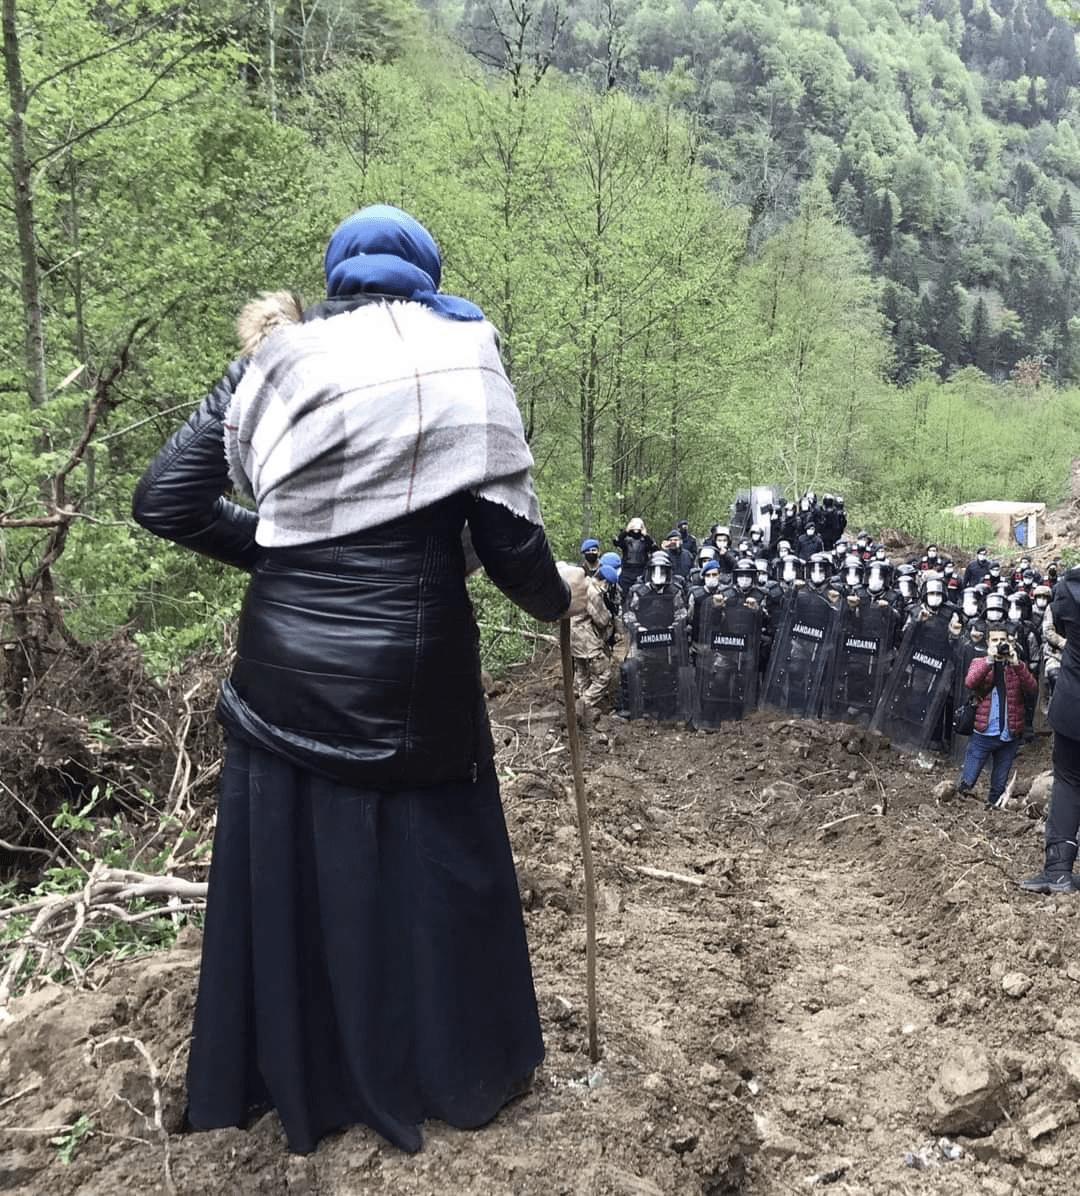 Turkse vrouwe met wandelstok staat voor een politie barricade